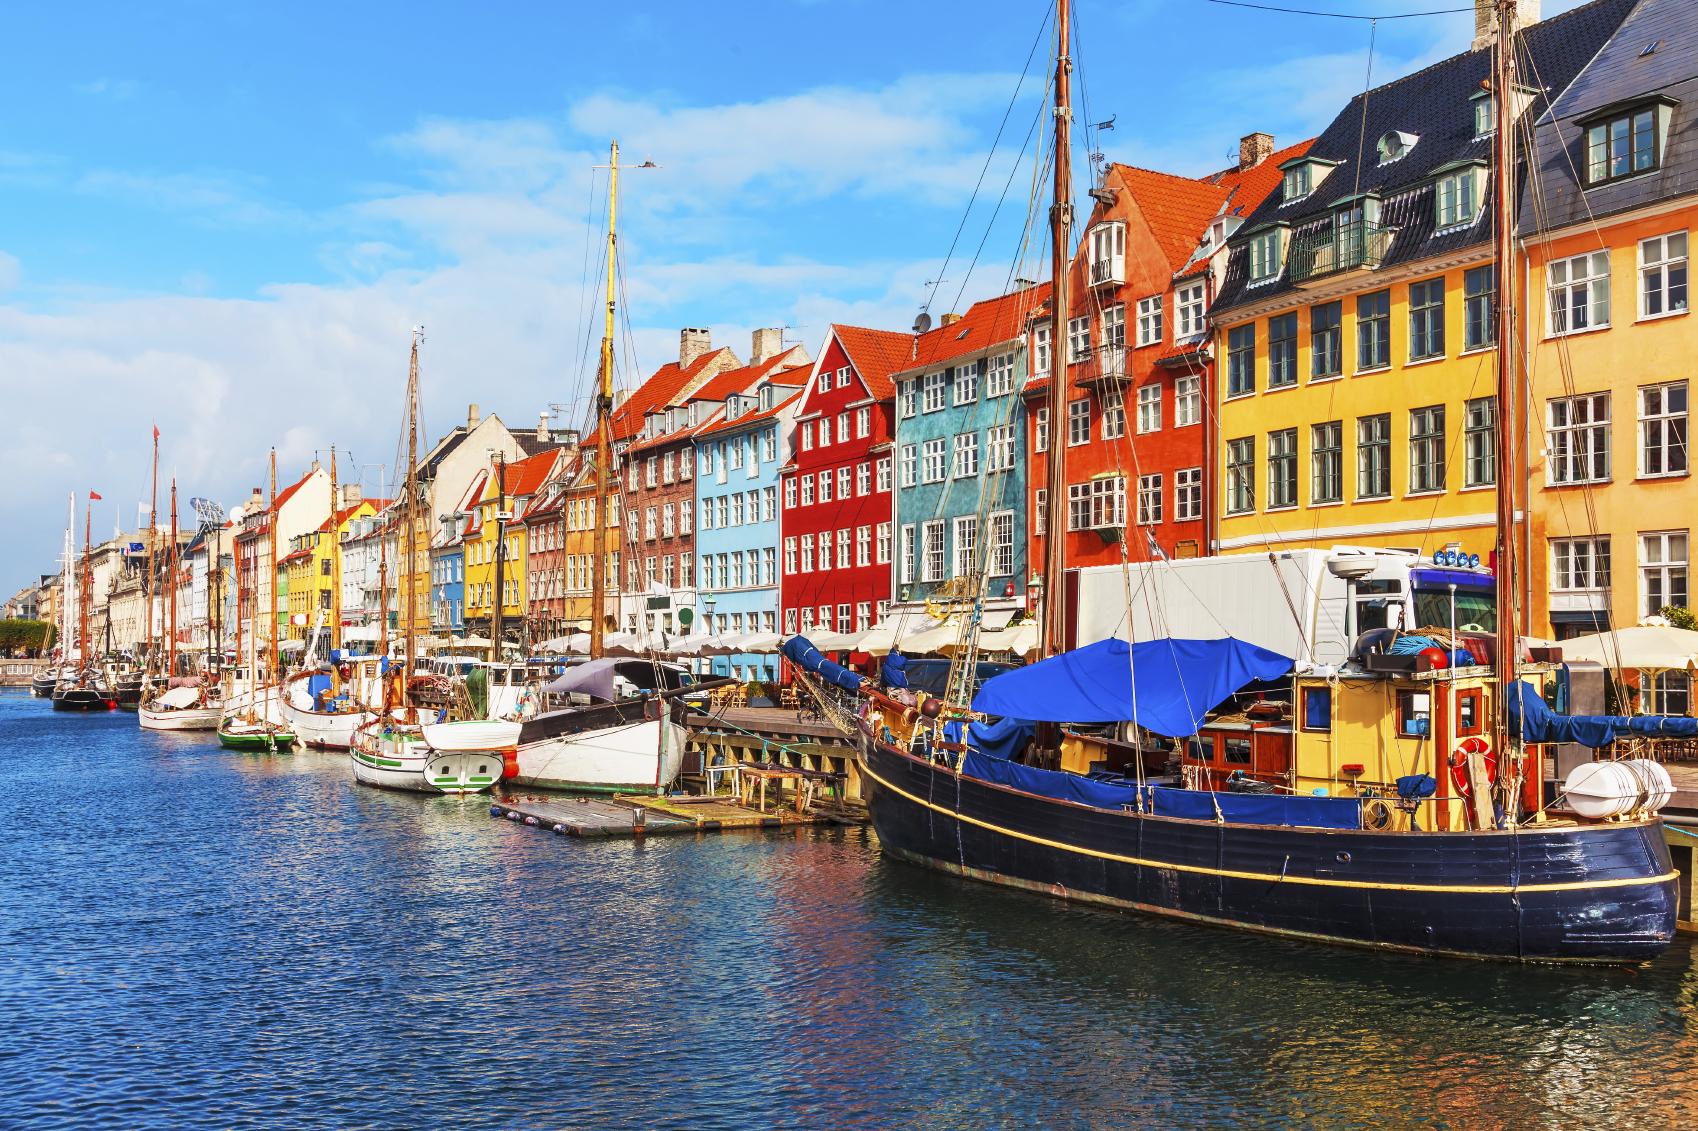 Nyhavn pier in the Old Town of Copenhagen